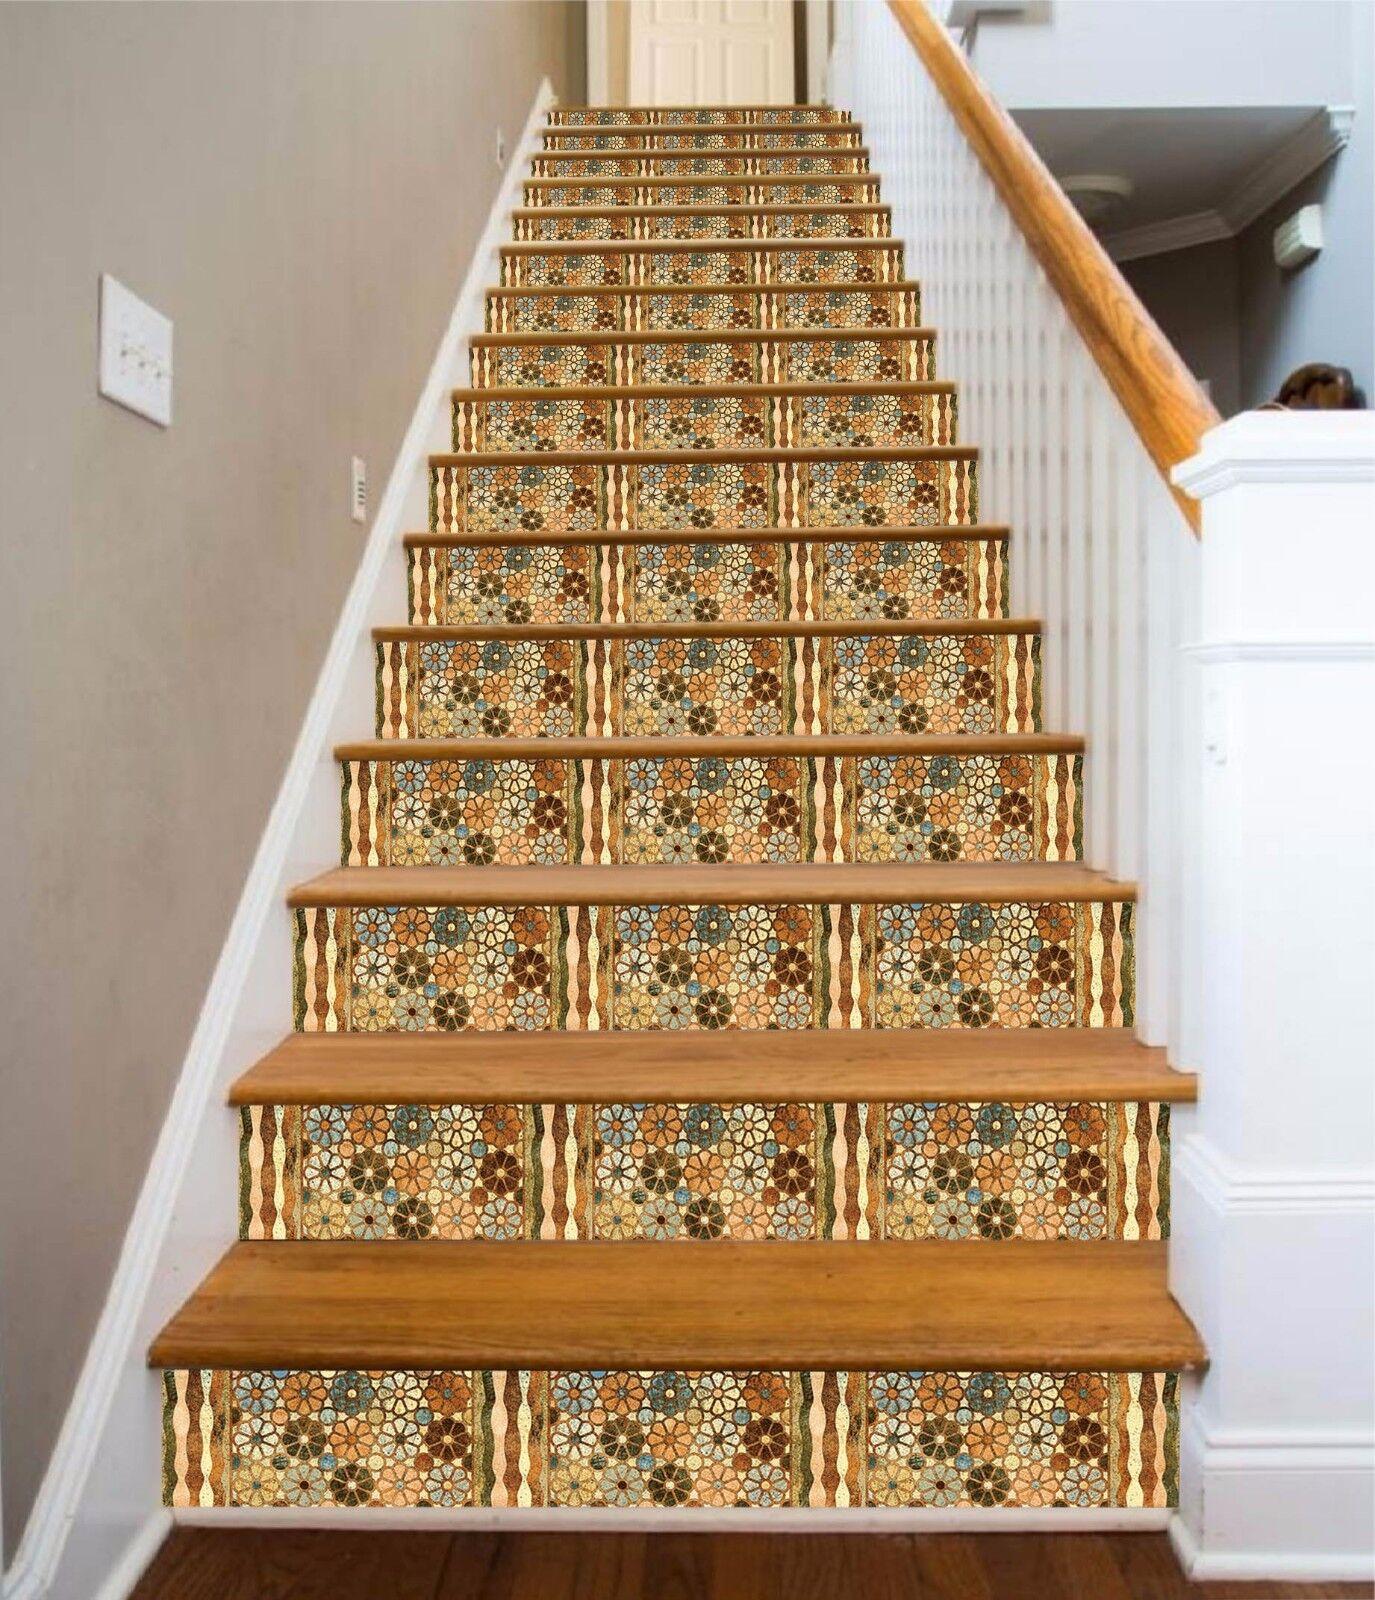 3D Blaume 416 Stair Risers Dekoration Fototapete Vinyl Aufkleber Tapete DE Lemon